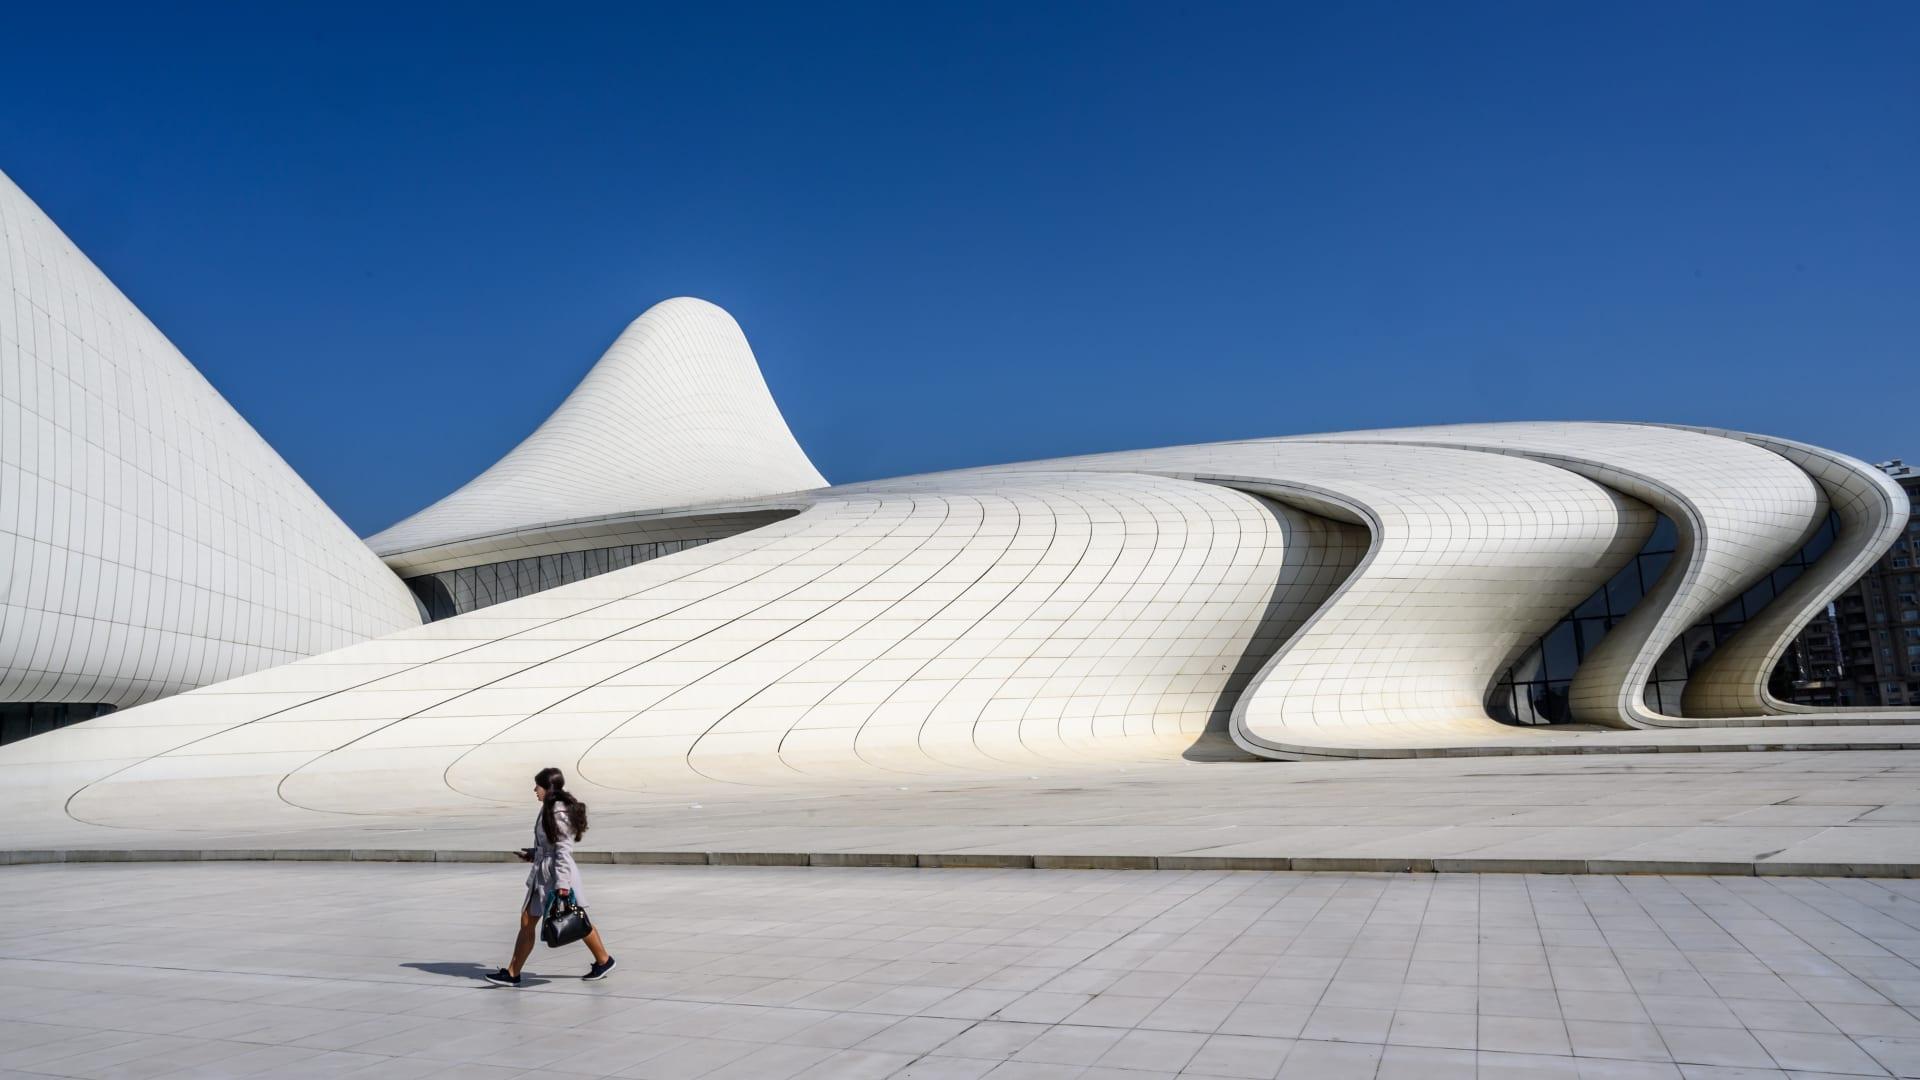 منها الجديد والقديم.. إليك 8 روائع معمارية يجب زيارتها بأذربيجان